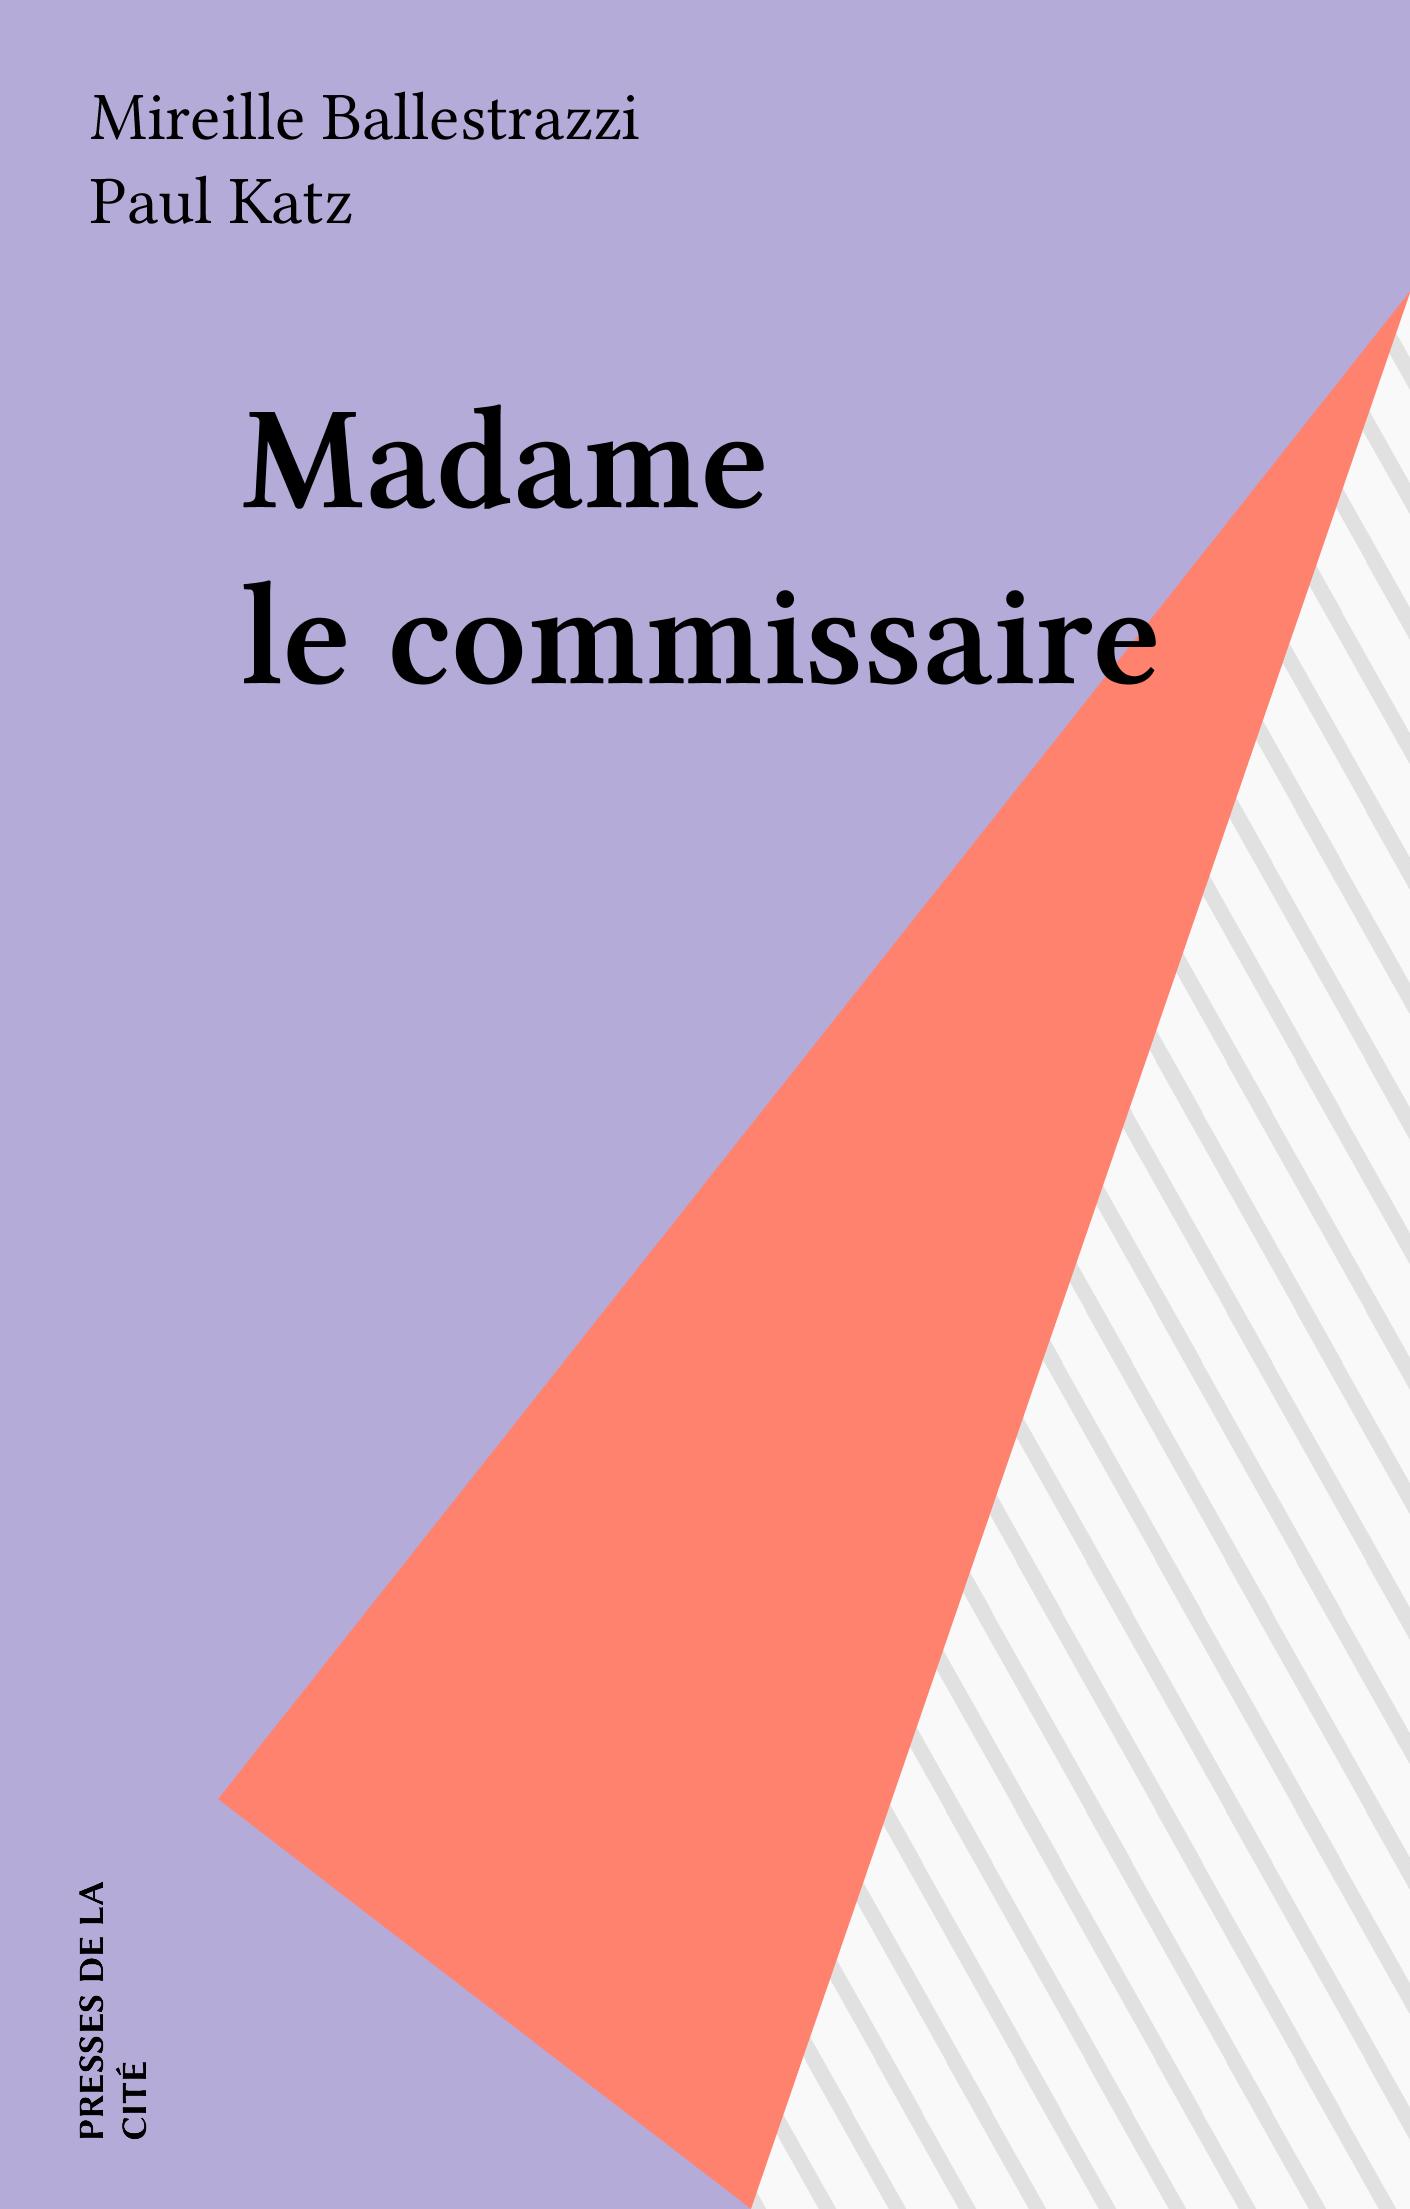 Madame le commissaire